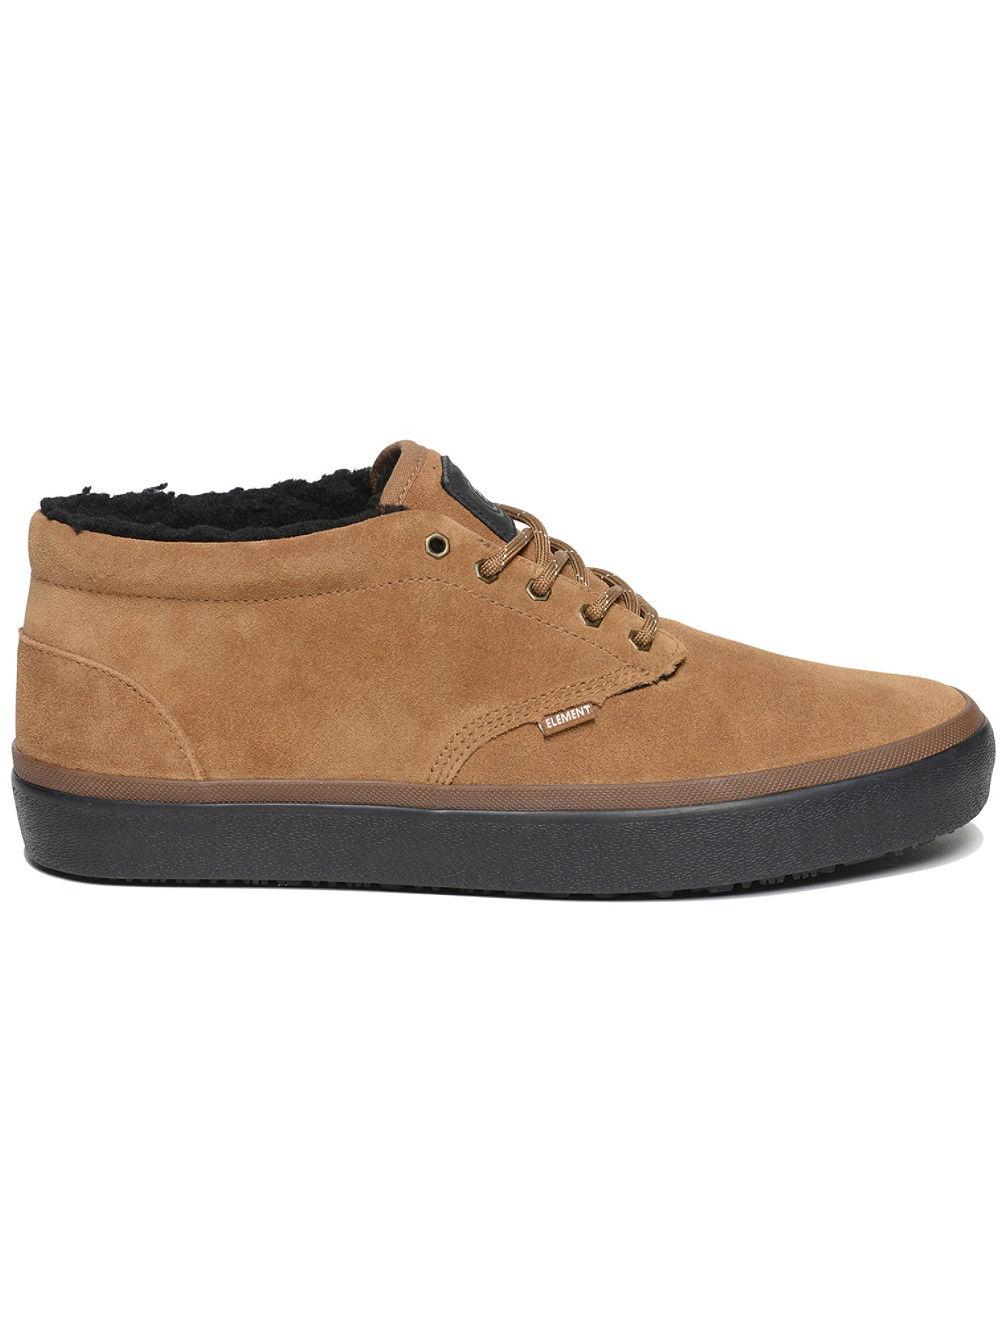 Compra Element Preston Boots online su blue-tomato.com 722ce67592e